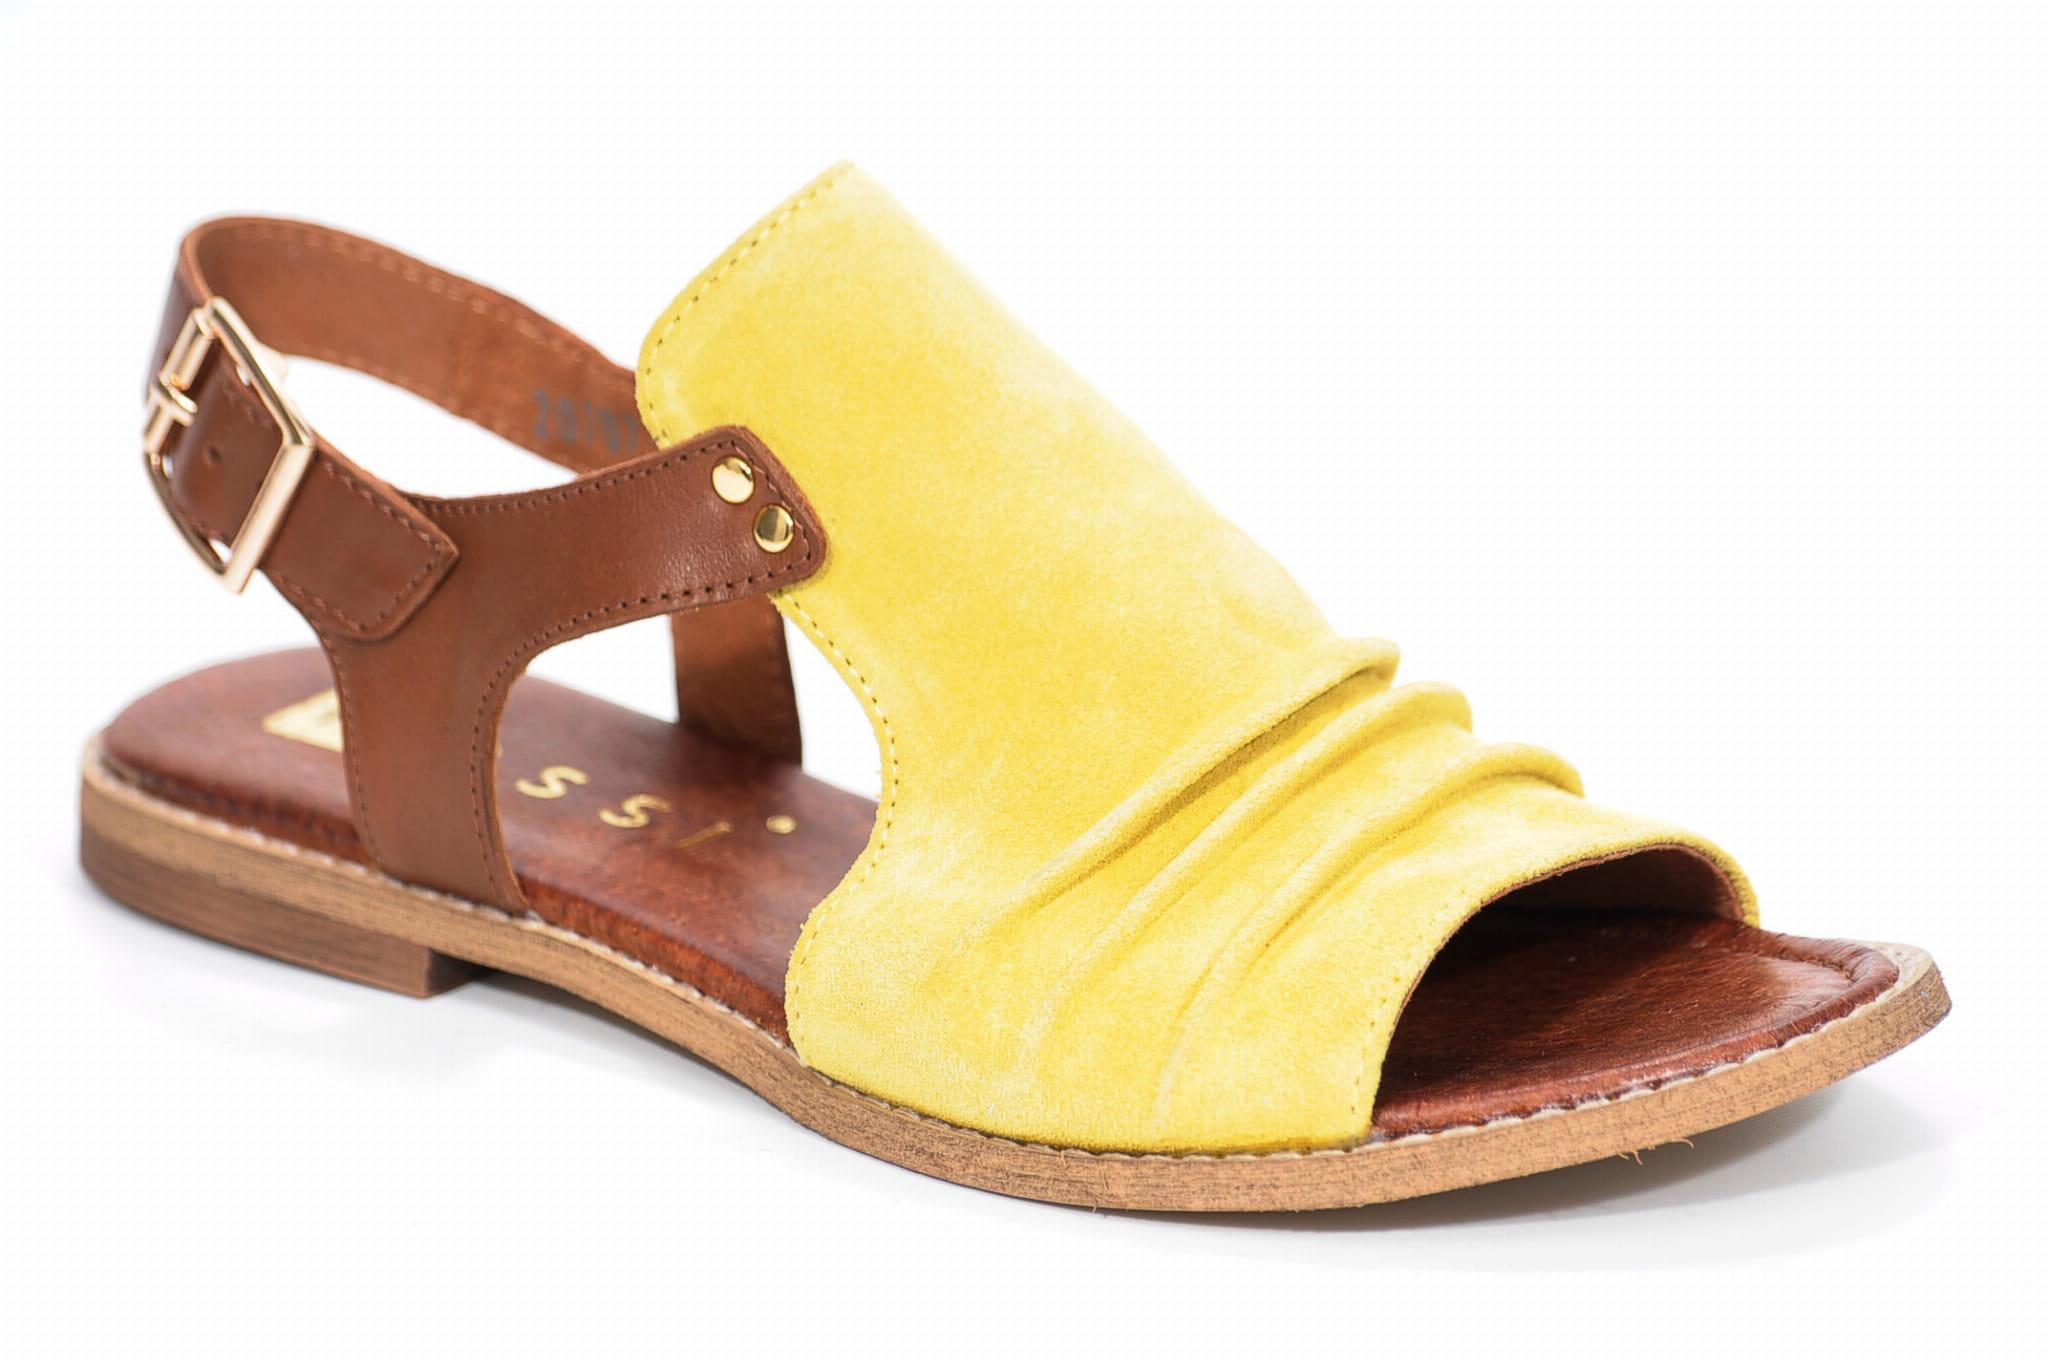 Sandały NESSI 20707 żółty Butybuk internetowy sklep